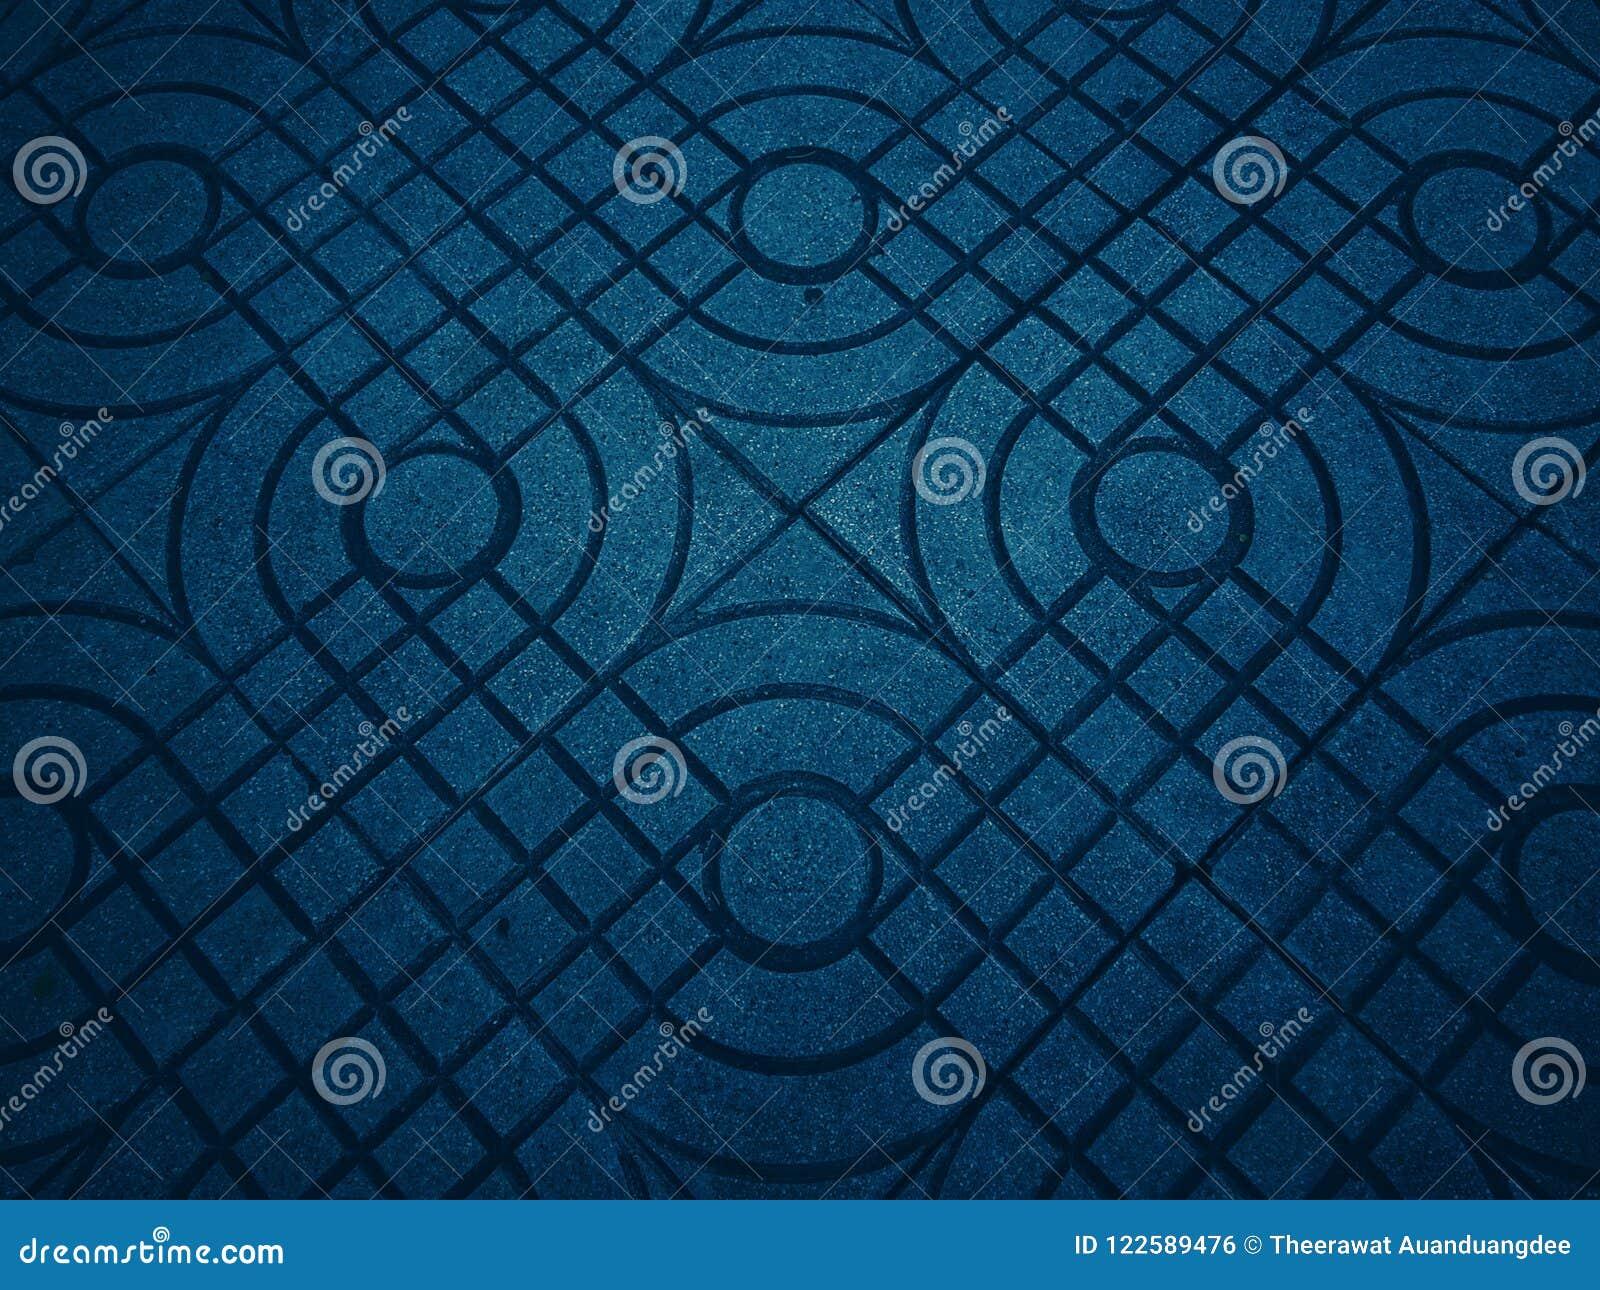 Dark Blue Tone Background